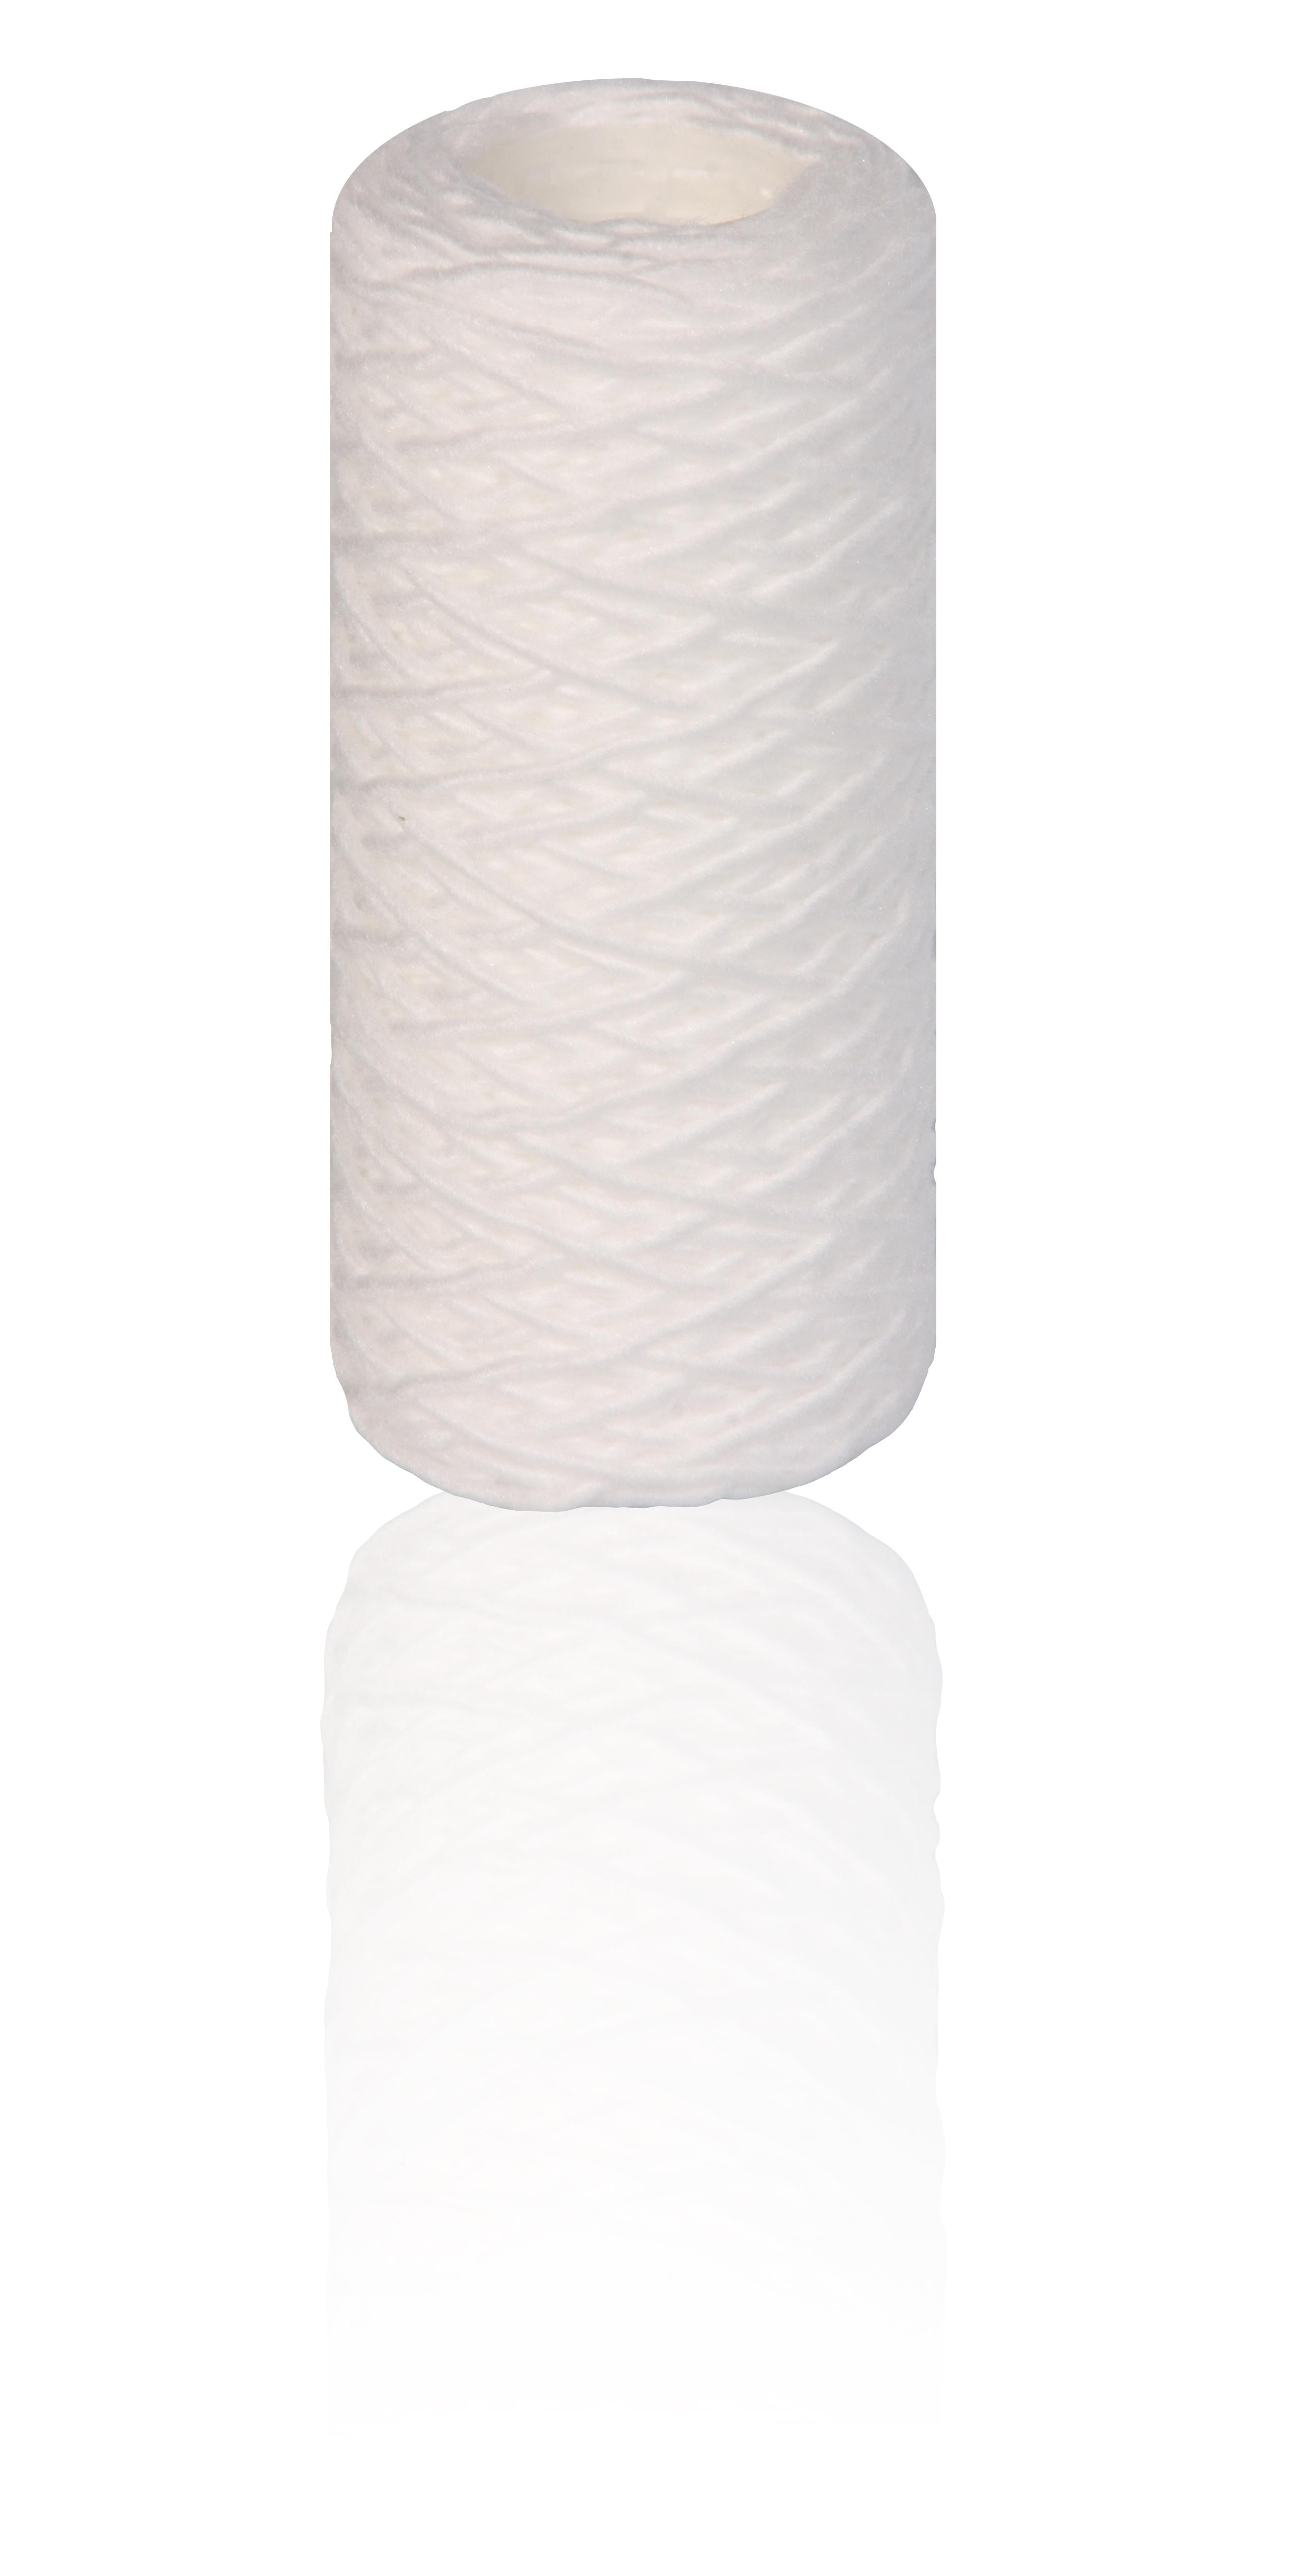 Filterkerze 20 Zoll in der Feinheit von 5µ Wasserfilter Wickelfilter